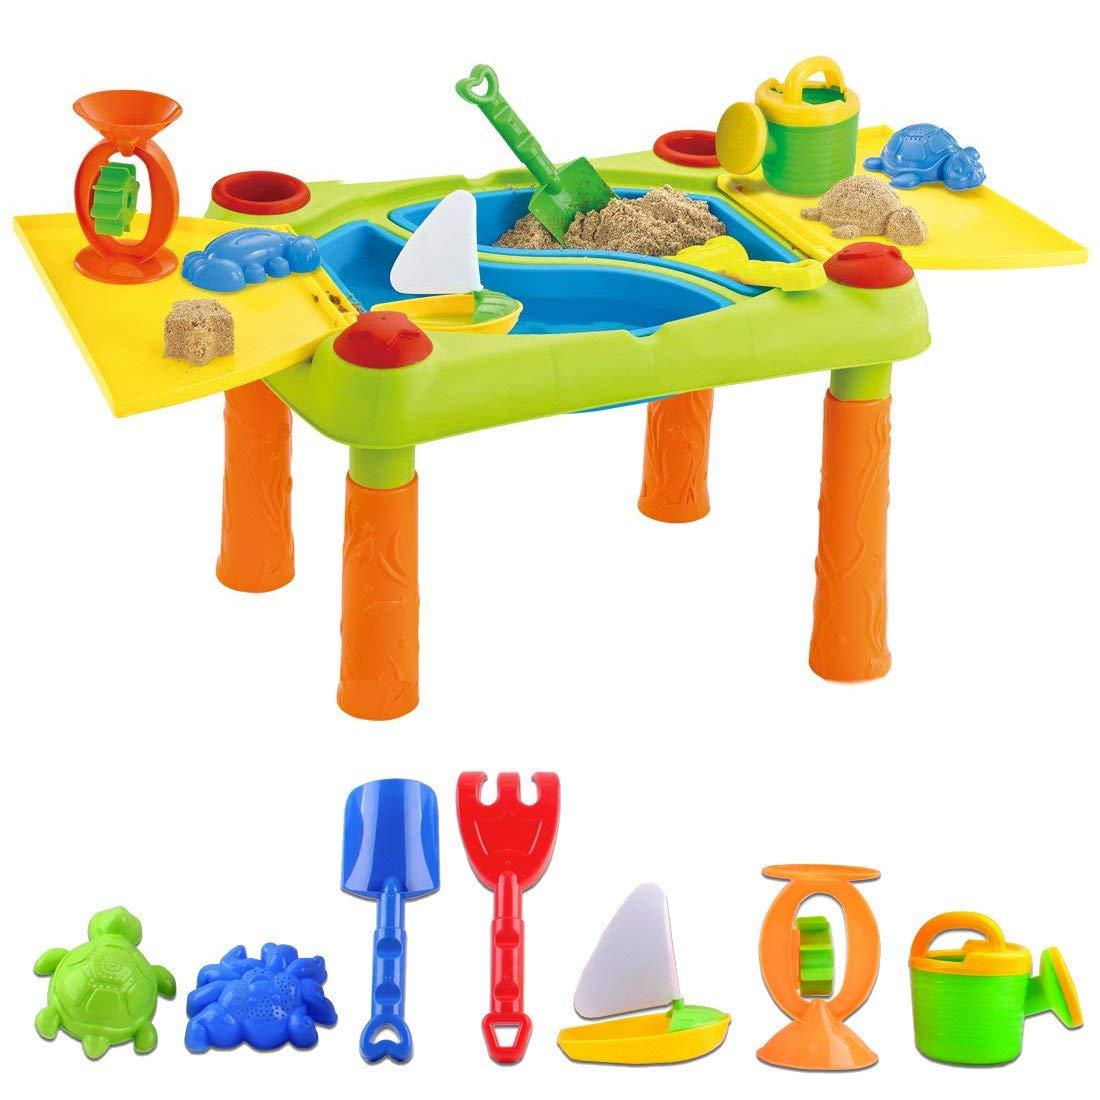 deAO Mesa para Agua y Arena con Compartimento Doble y Tapas Mesita de Juegos y Actividades Infantiles al Exterior Incluye Accesorios y Moldes: Amazon.es: Juguetes y juegos